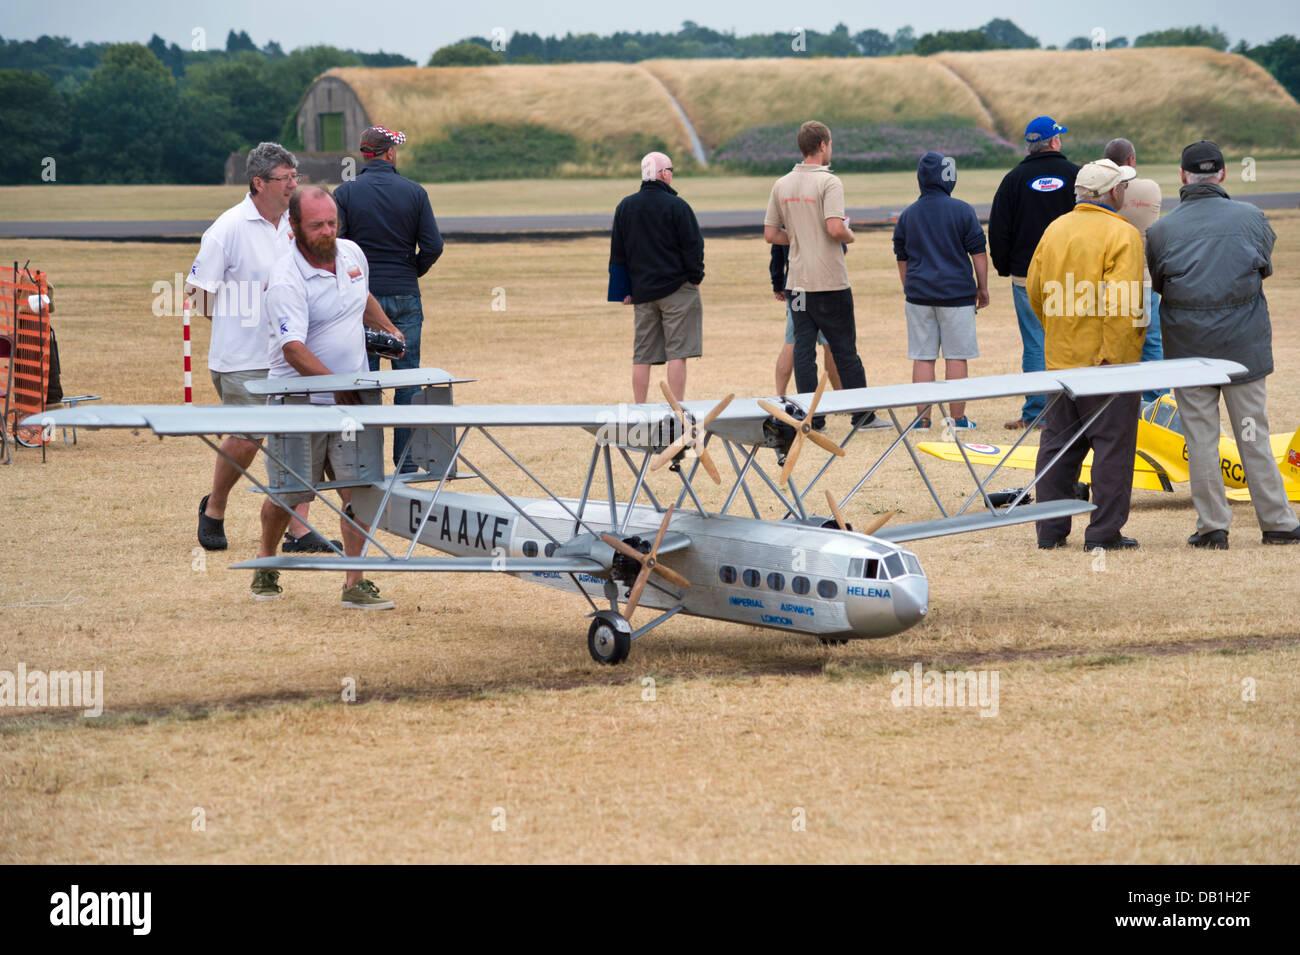 Espositore con battenti modello Handley Page aereo di linea al modello di grandi aeromobili mostrano a RAF Cosford, Shropshire, Regno Unito, Luglio 2013 Foto Stock